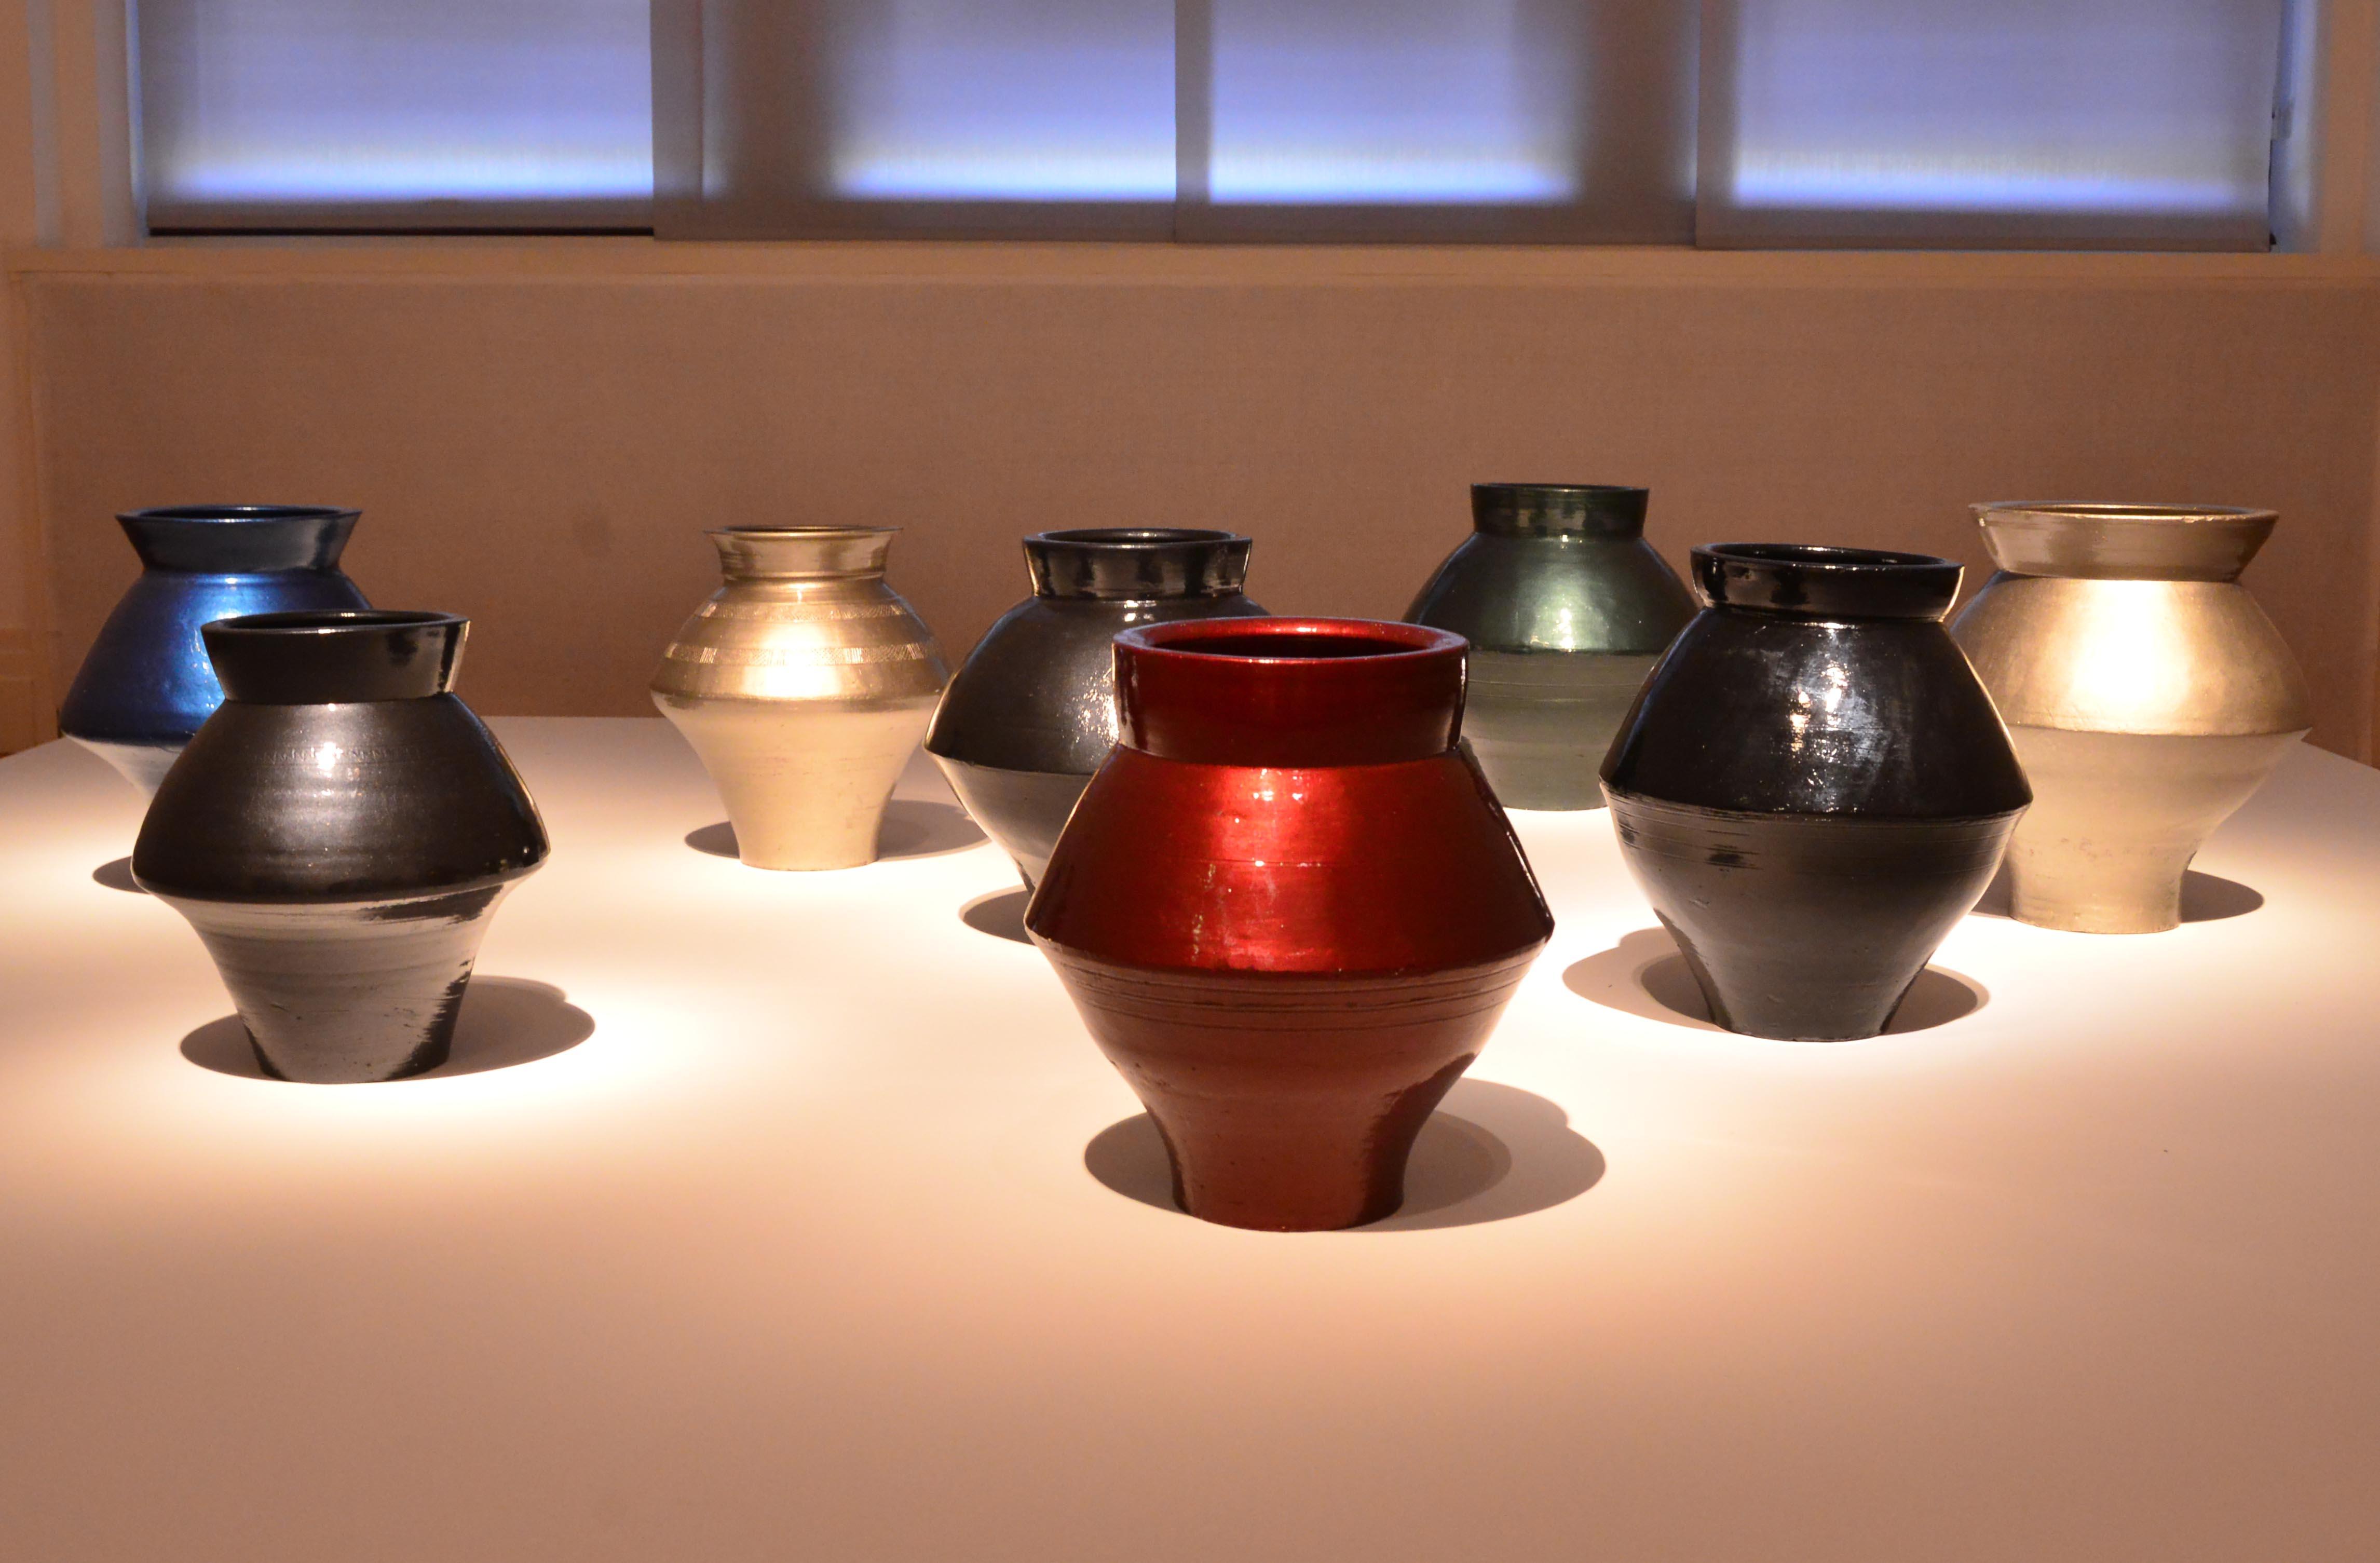 Han-Dynastie-Vasen mit Autolack, 2014. Ai Weiwei überzog acht antike Vasen mit metallisch glänzendem Autolack. Ausstellung